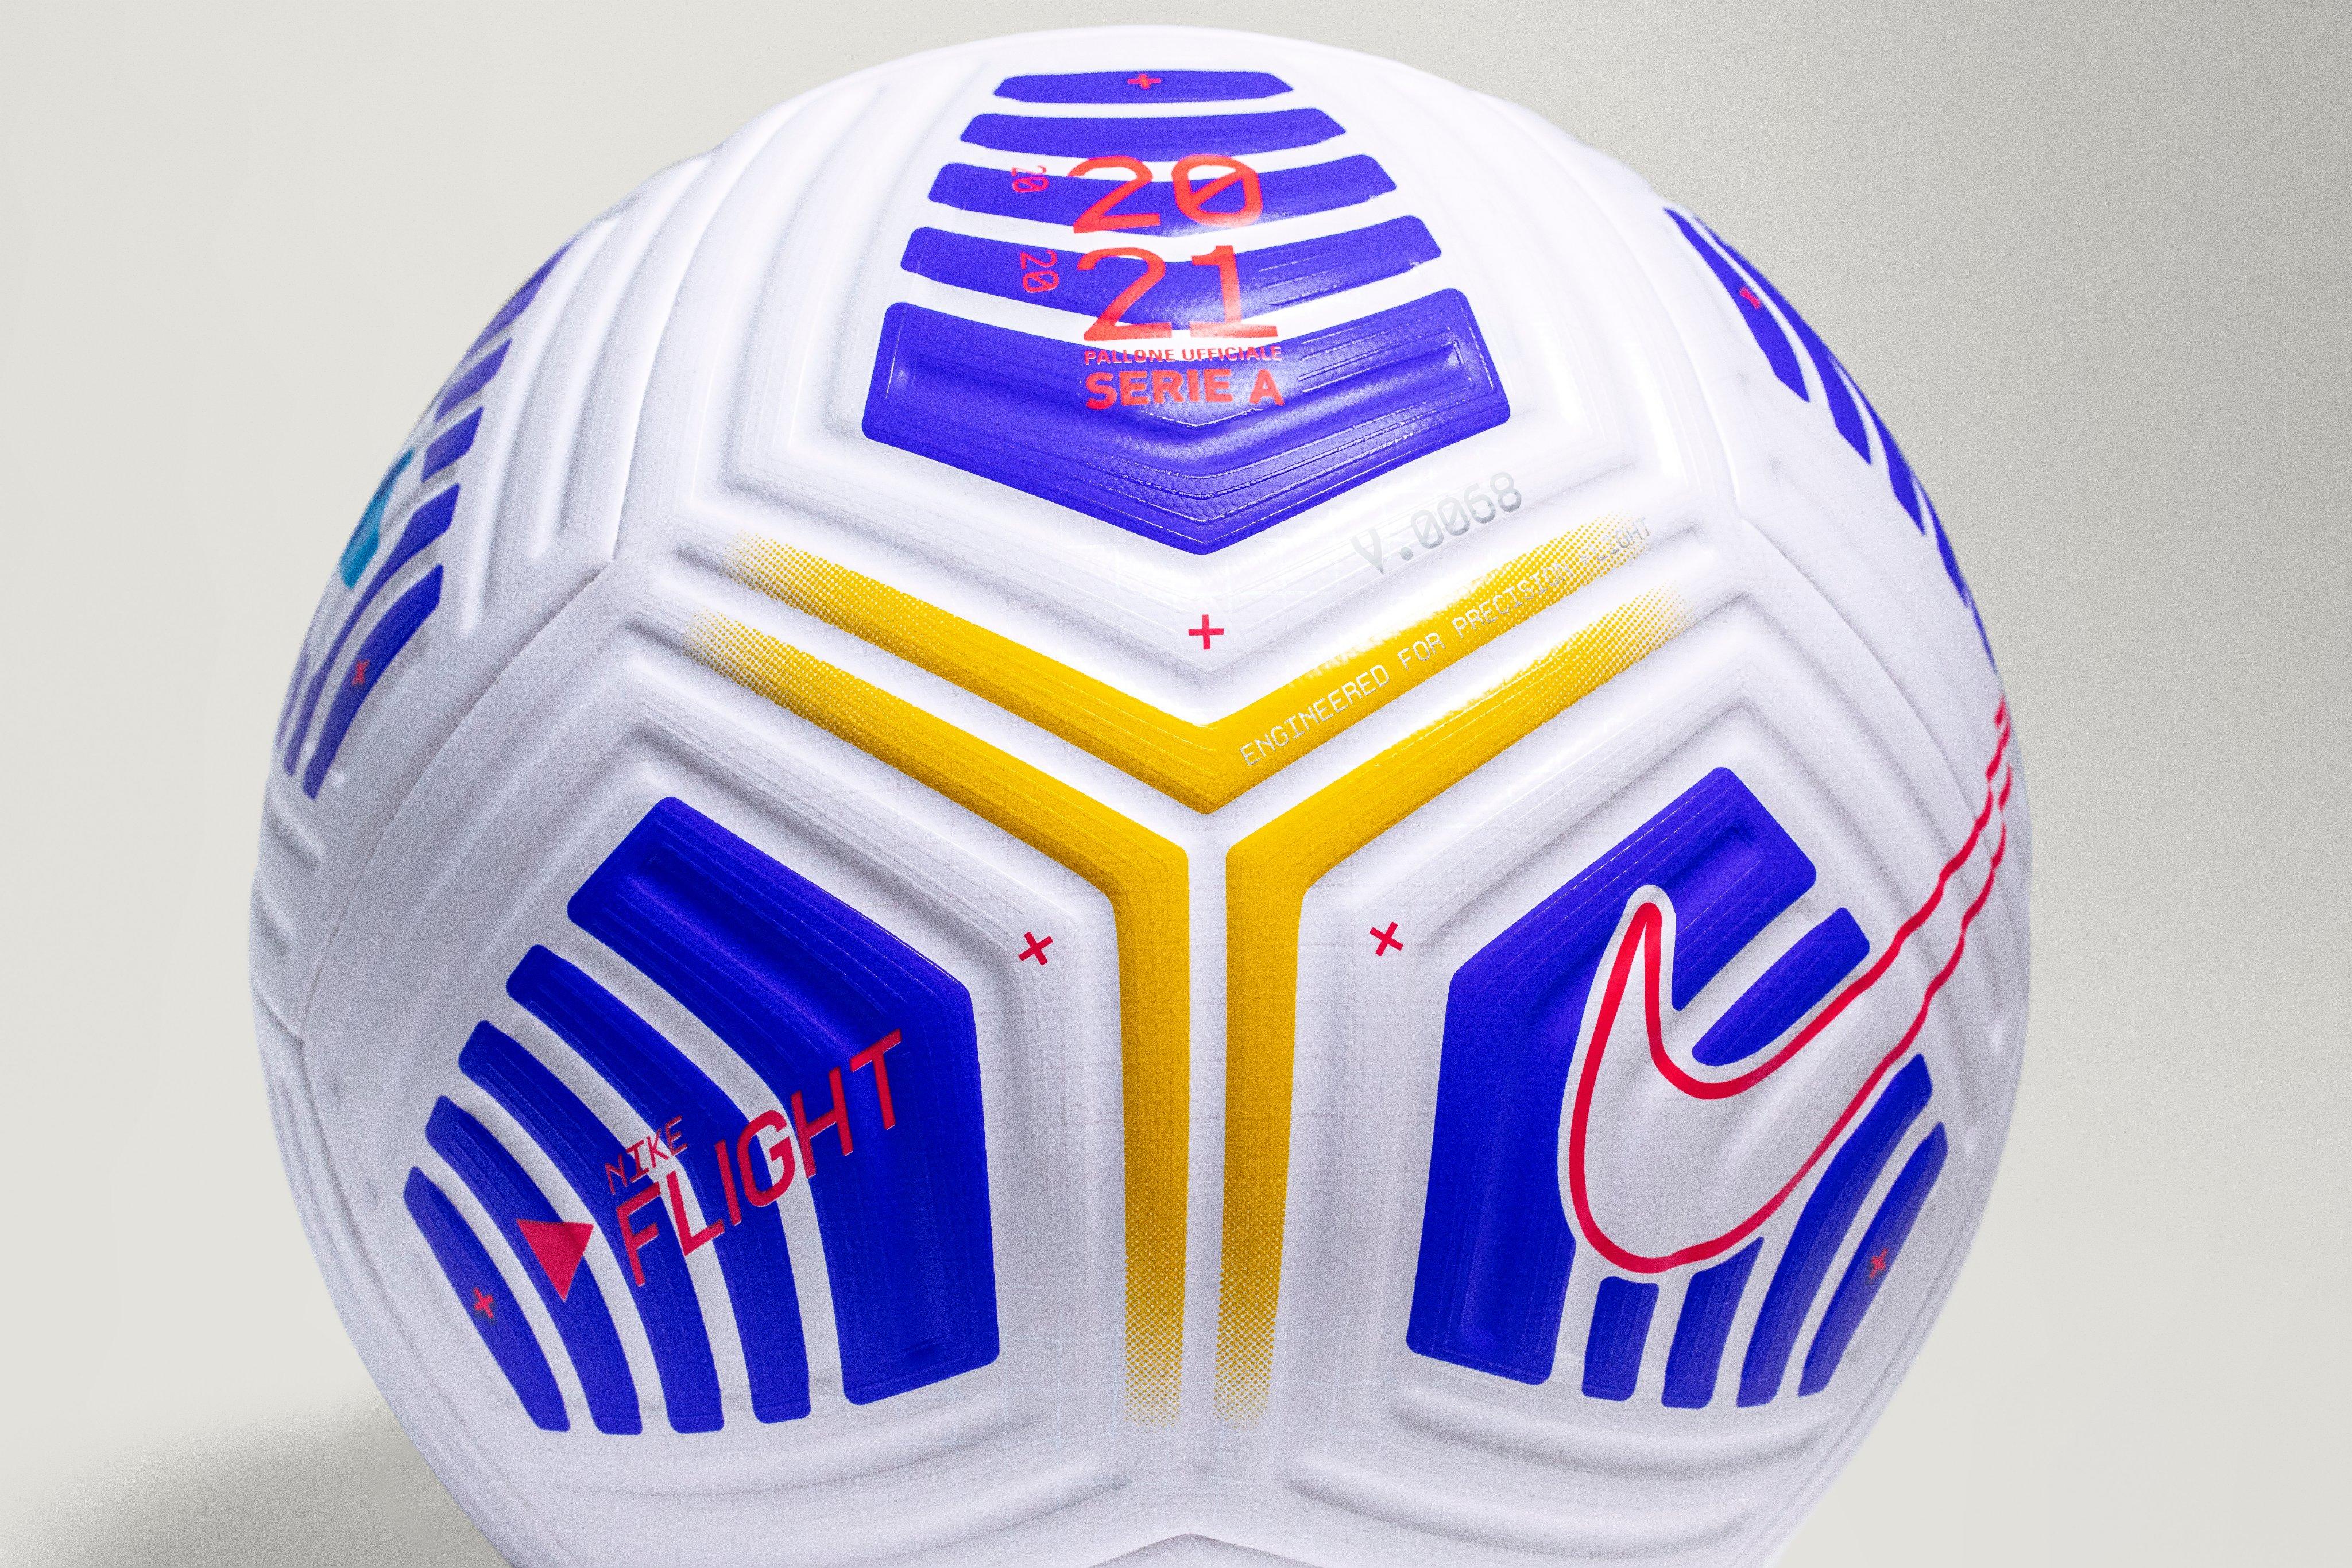 官方:意甲发布新赛季比赛用球,蓝黄配色条纹状